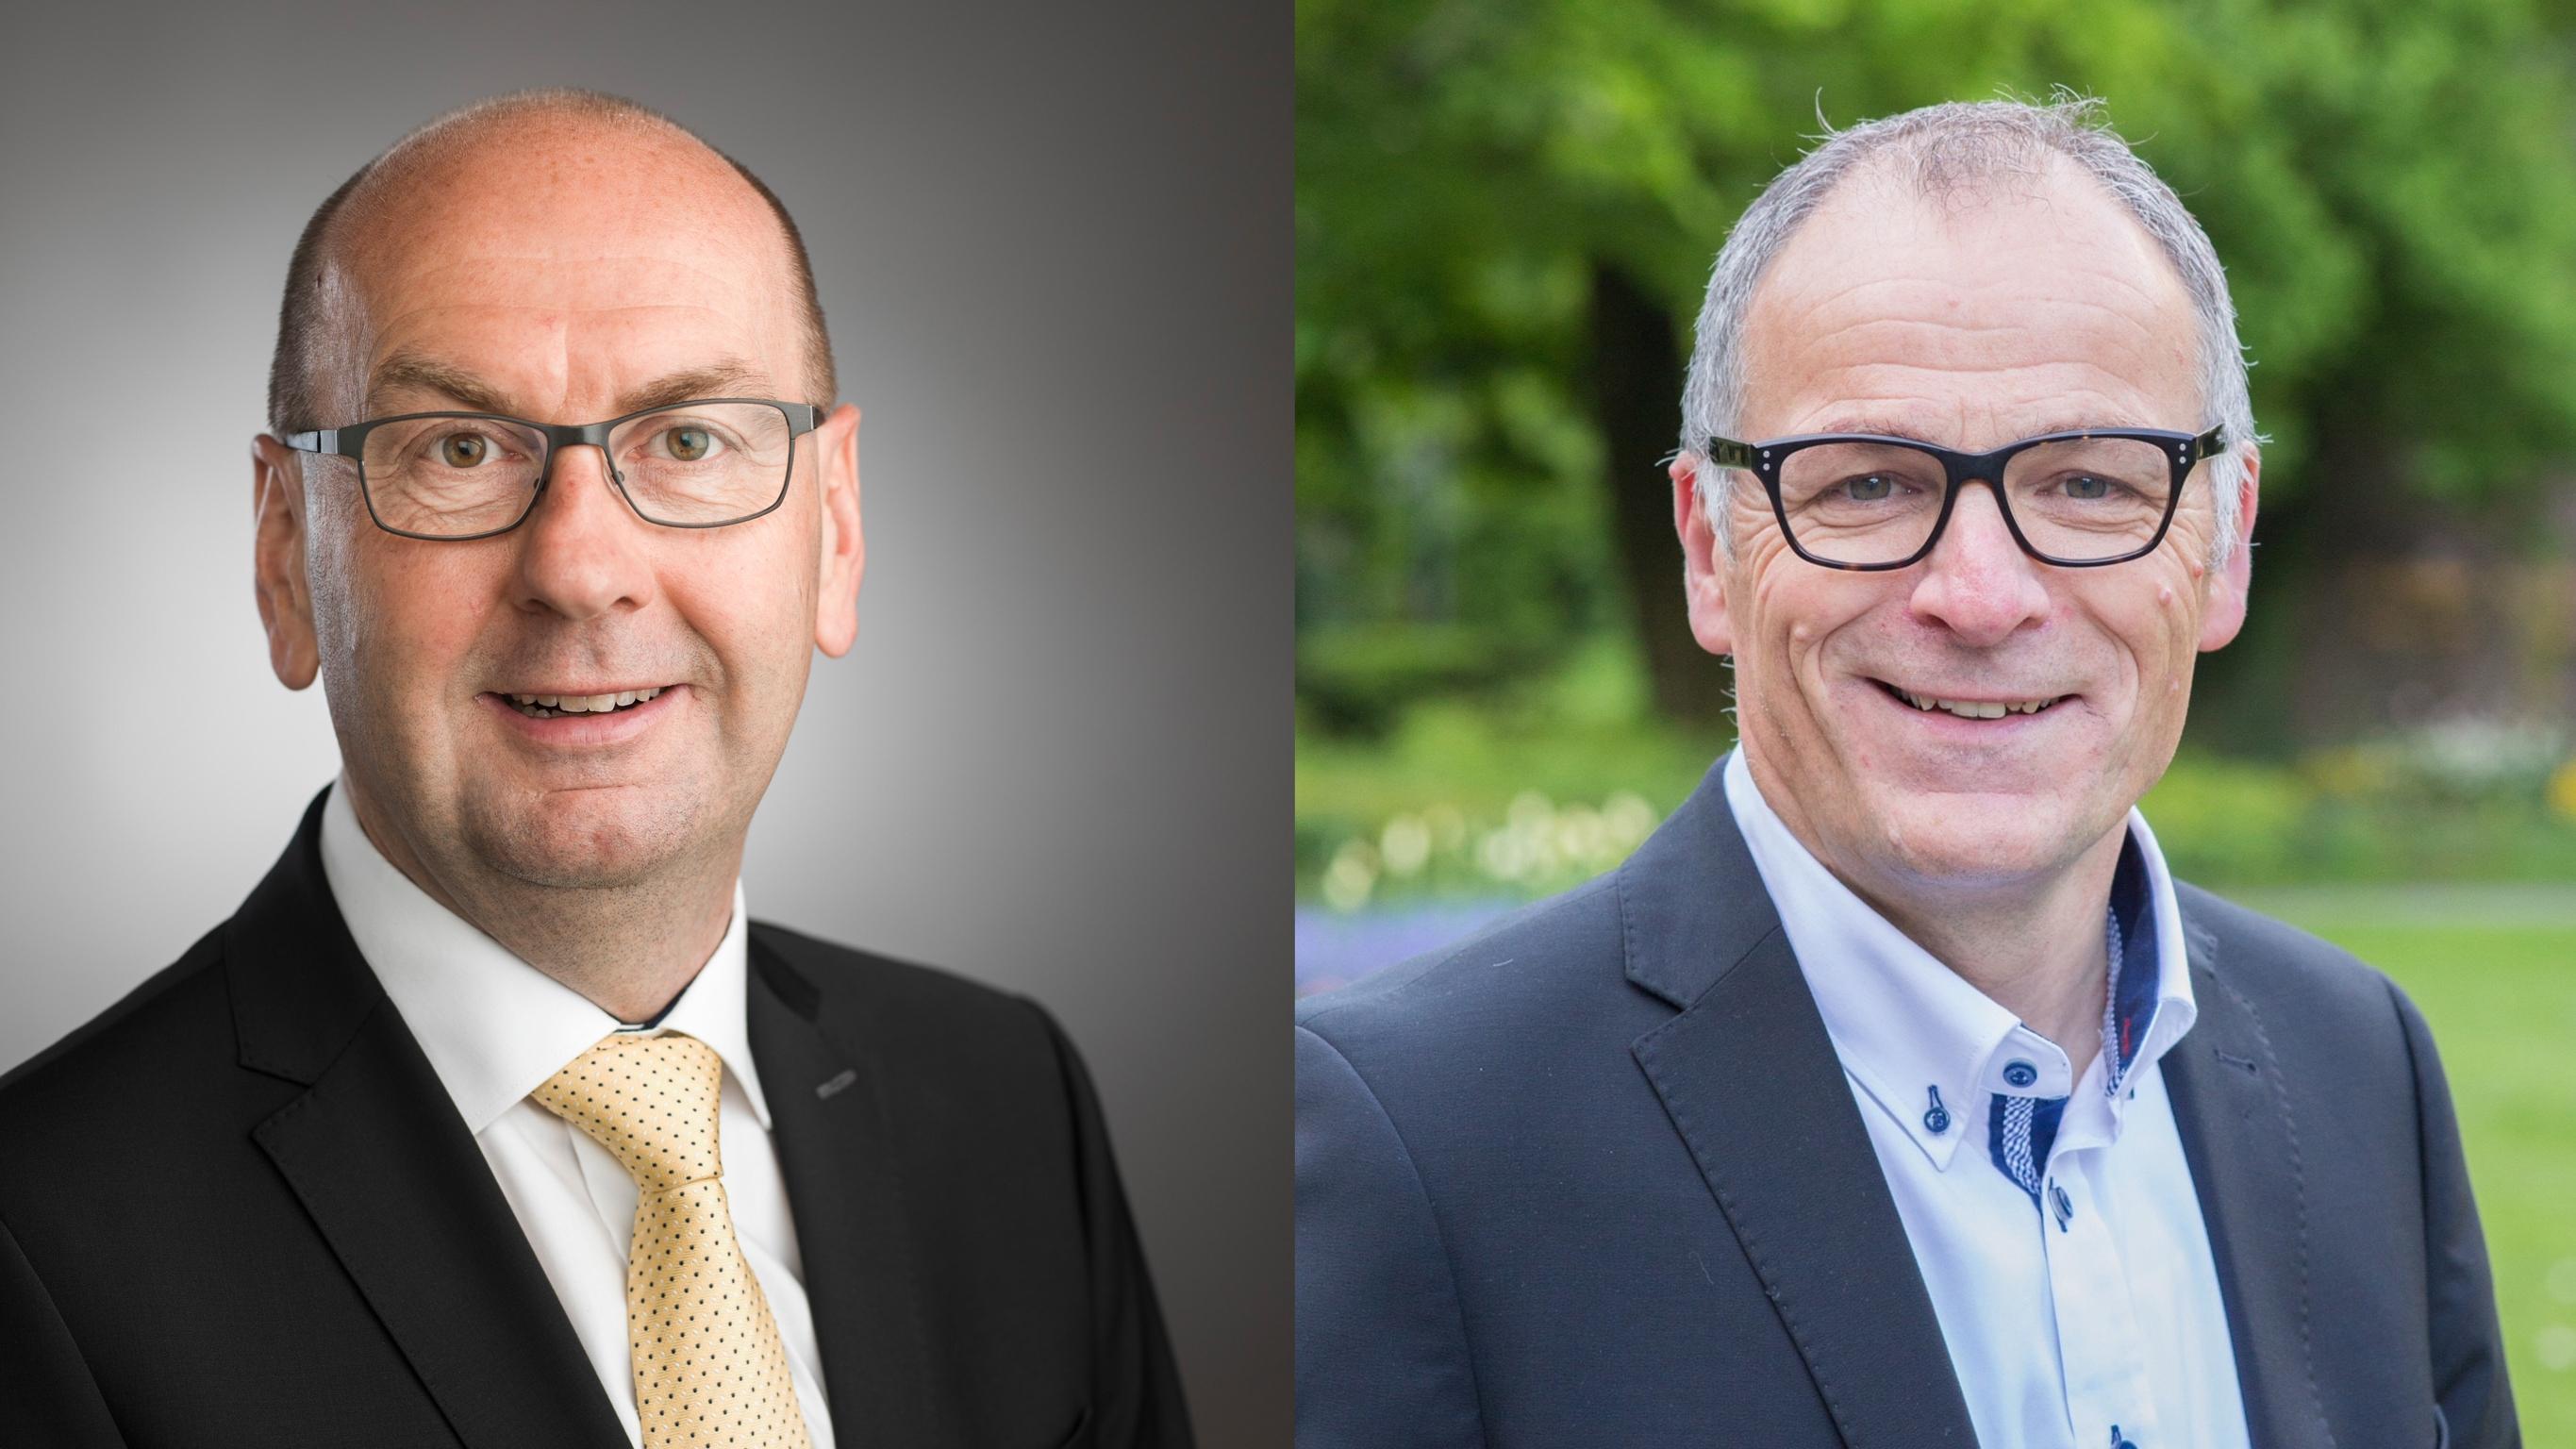 Das grosse Livegespräch mit Kaspar Becker und Christian Büttiker